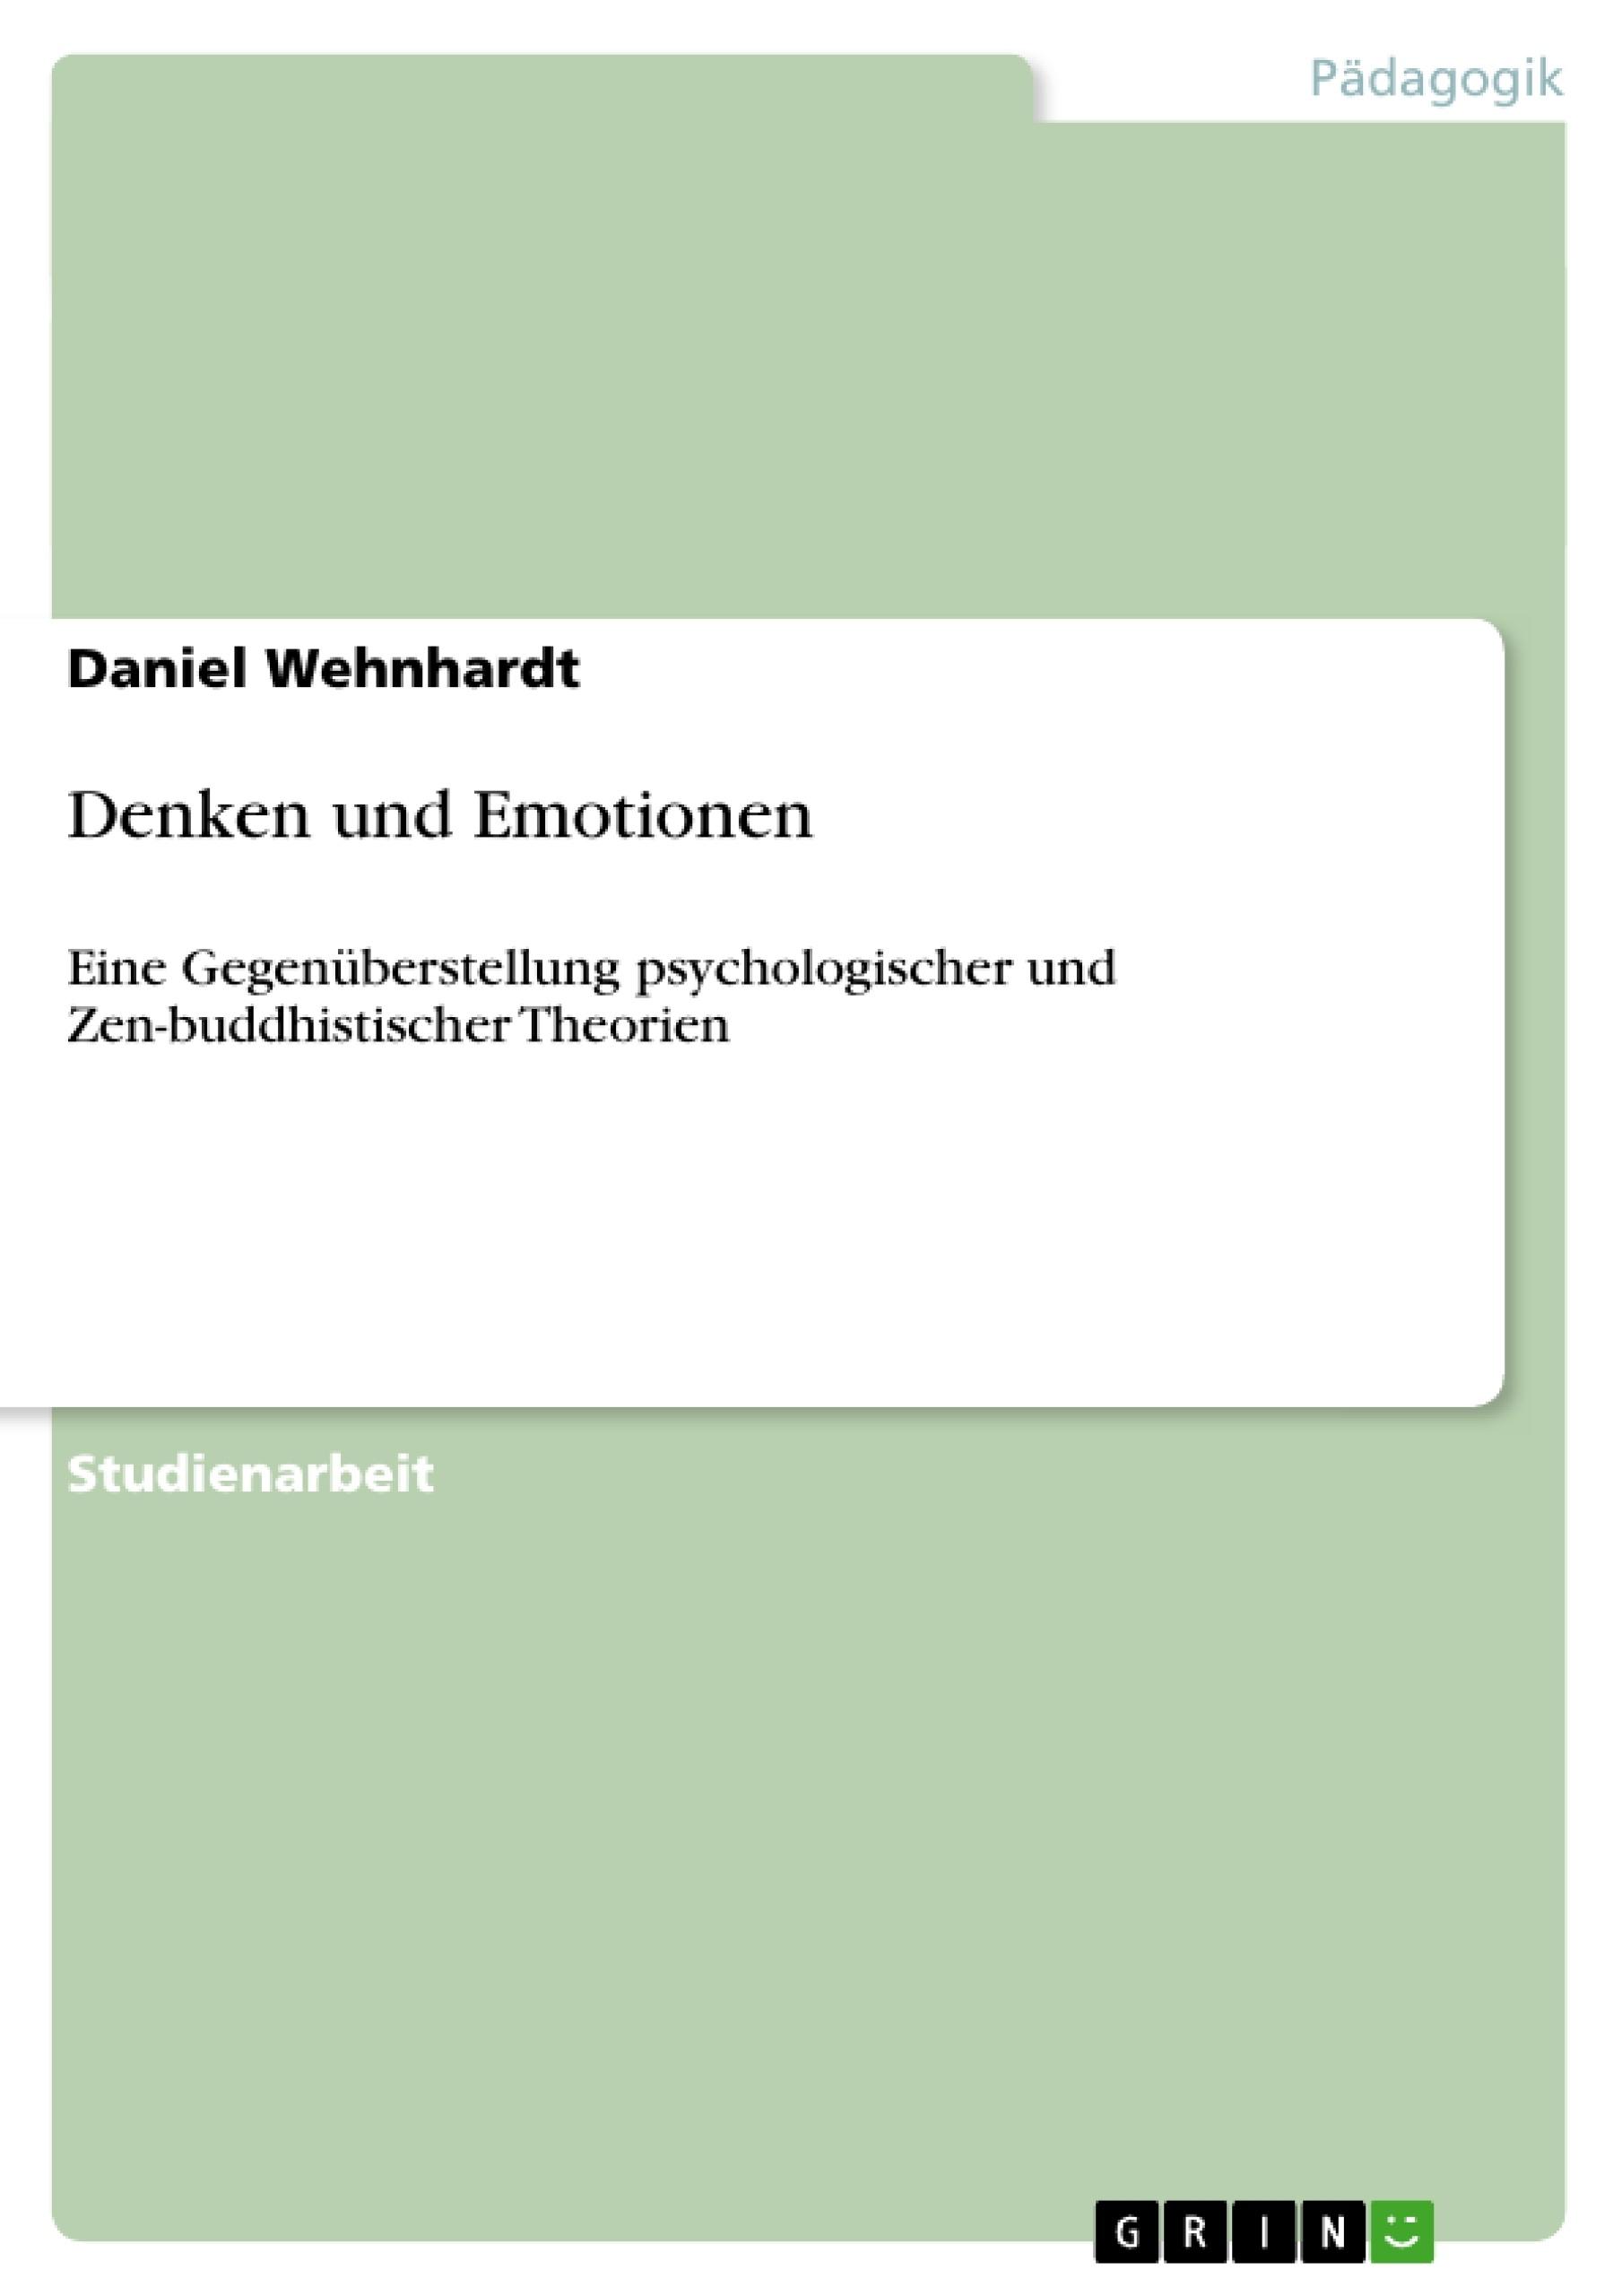 Titel: Denken und Emotionen